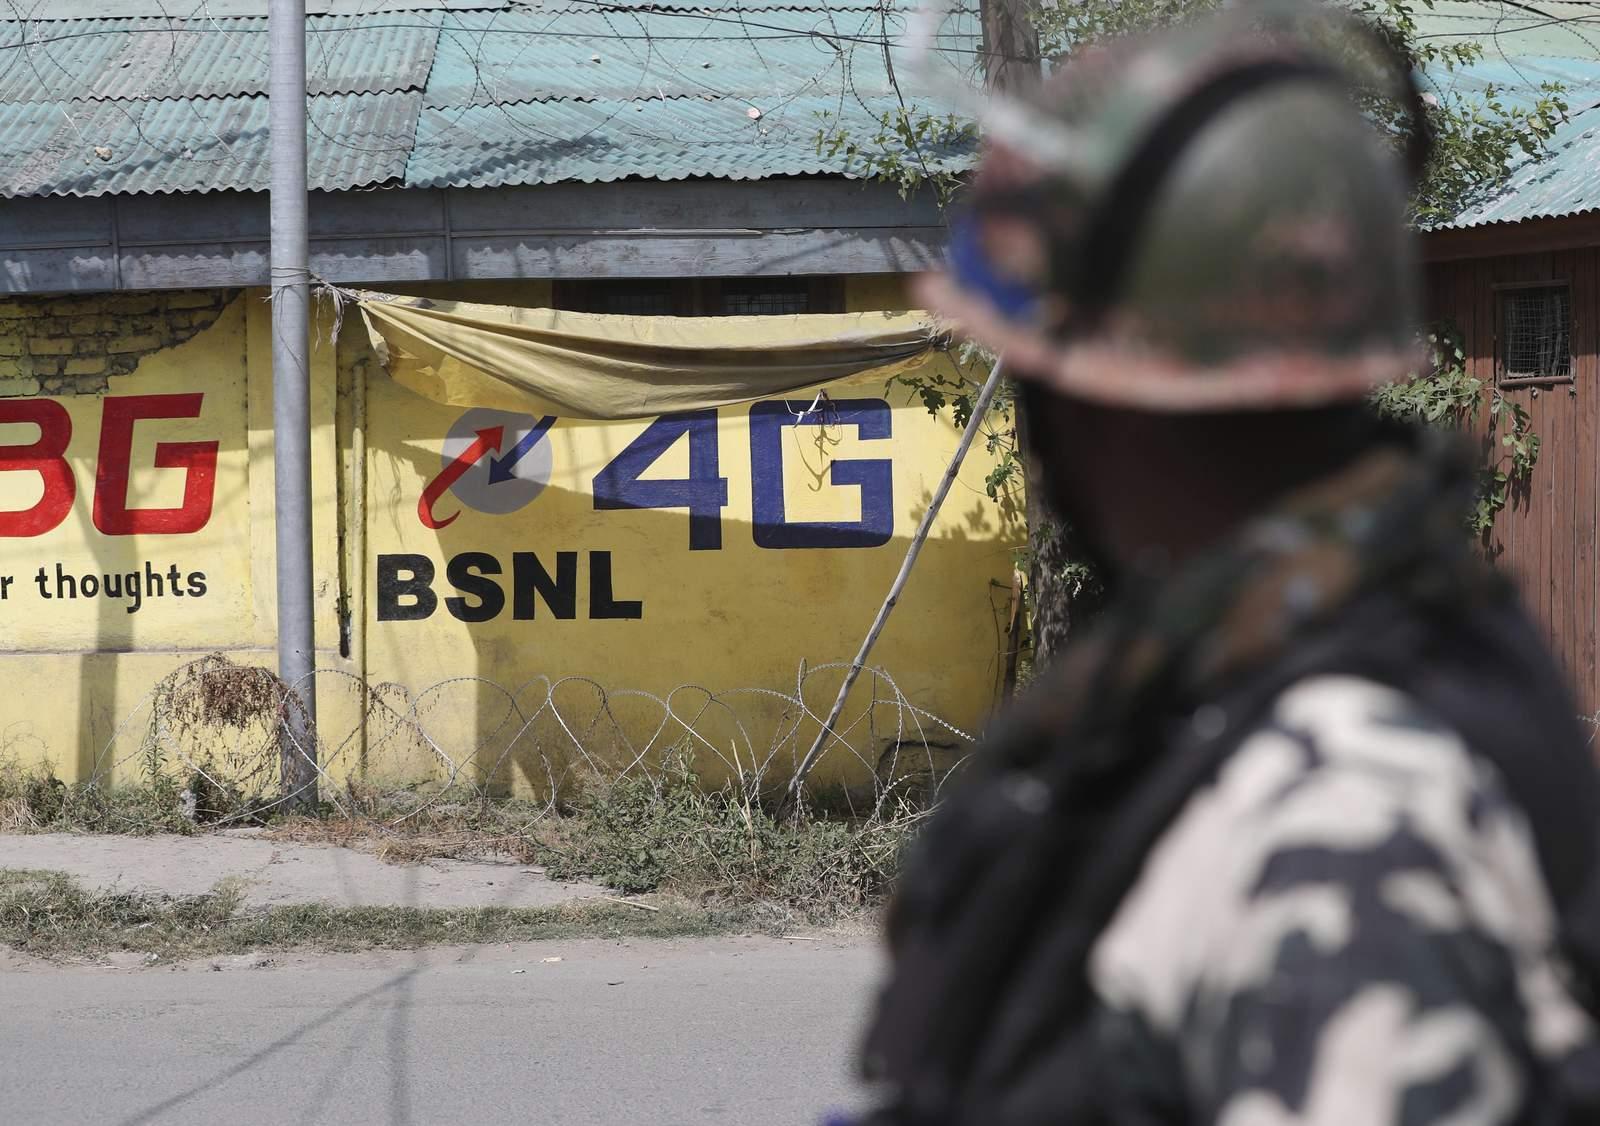 India restores 4G mobile internet in Kashmir after 550 days